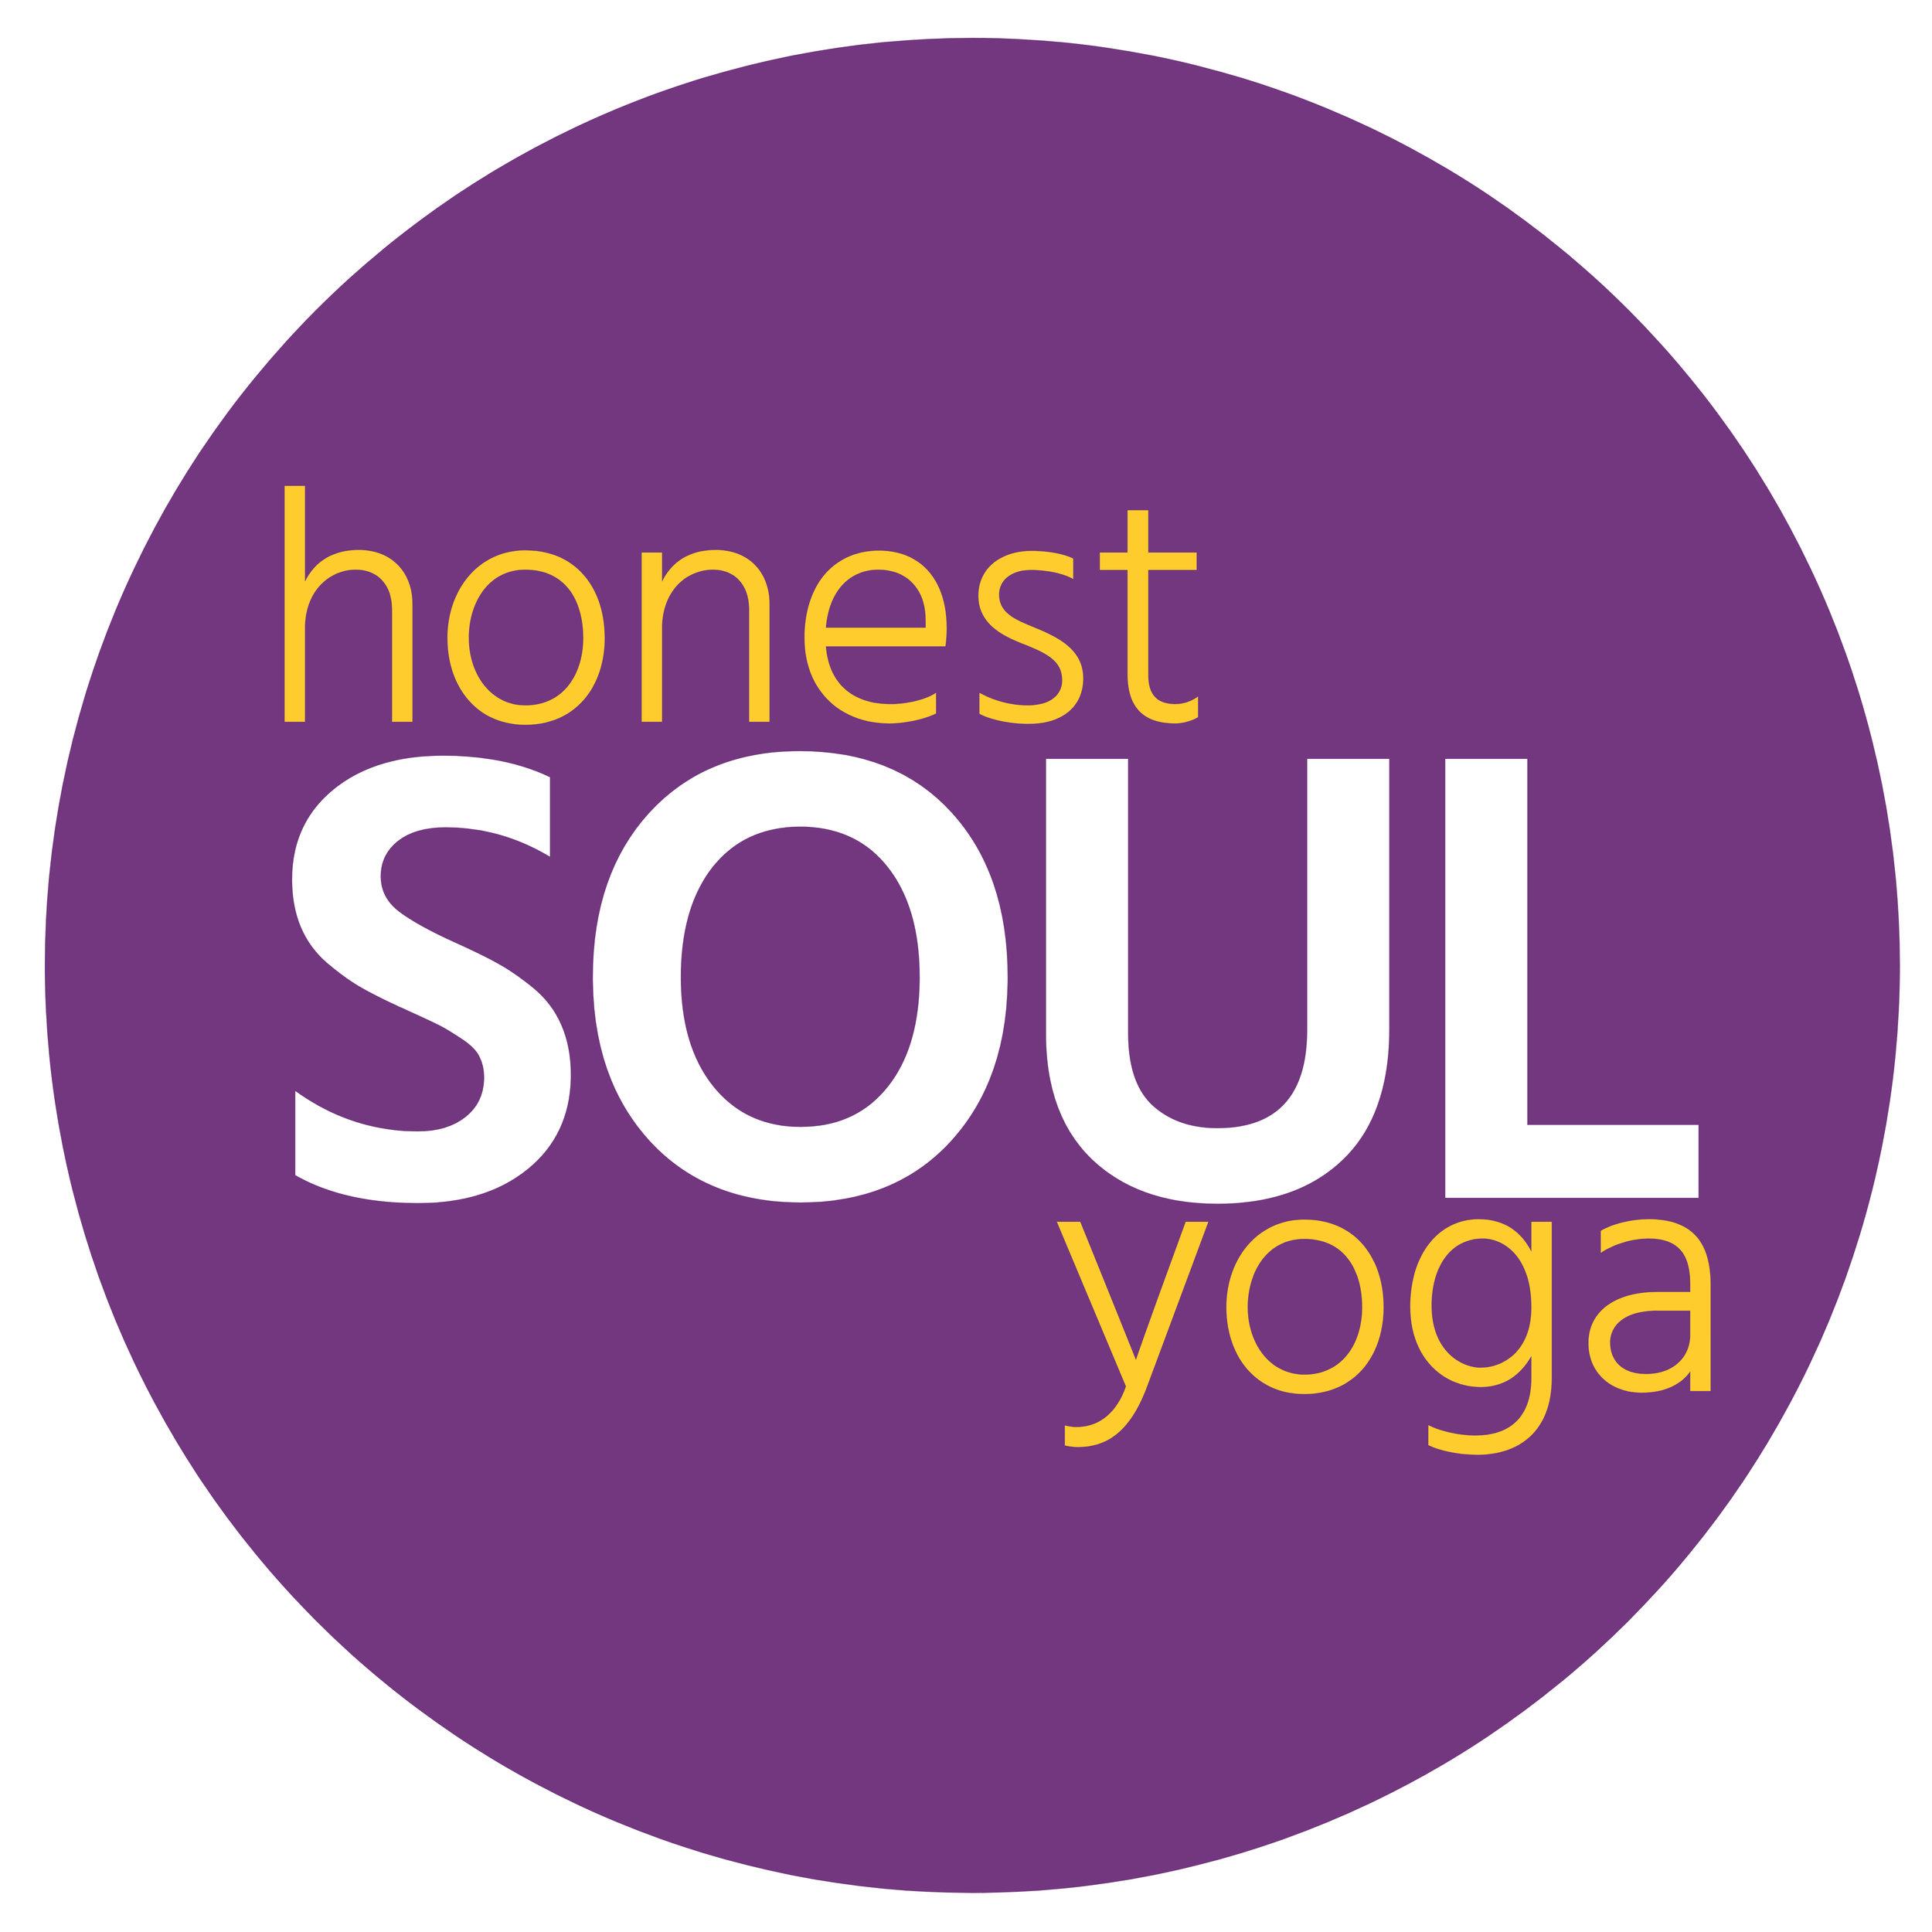 Honest Soul Yoga